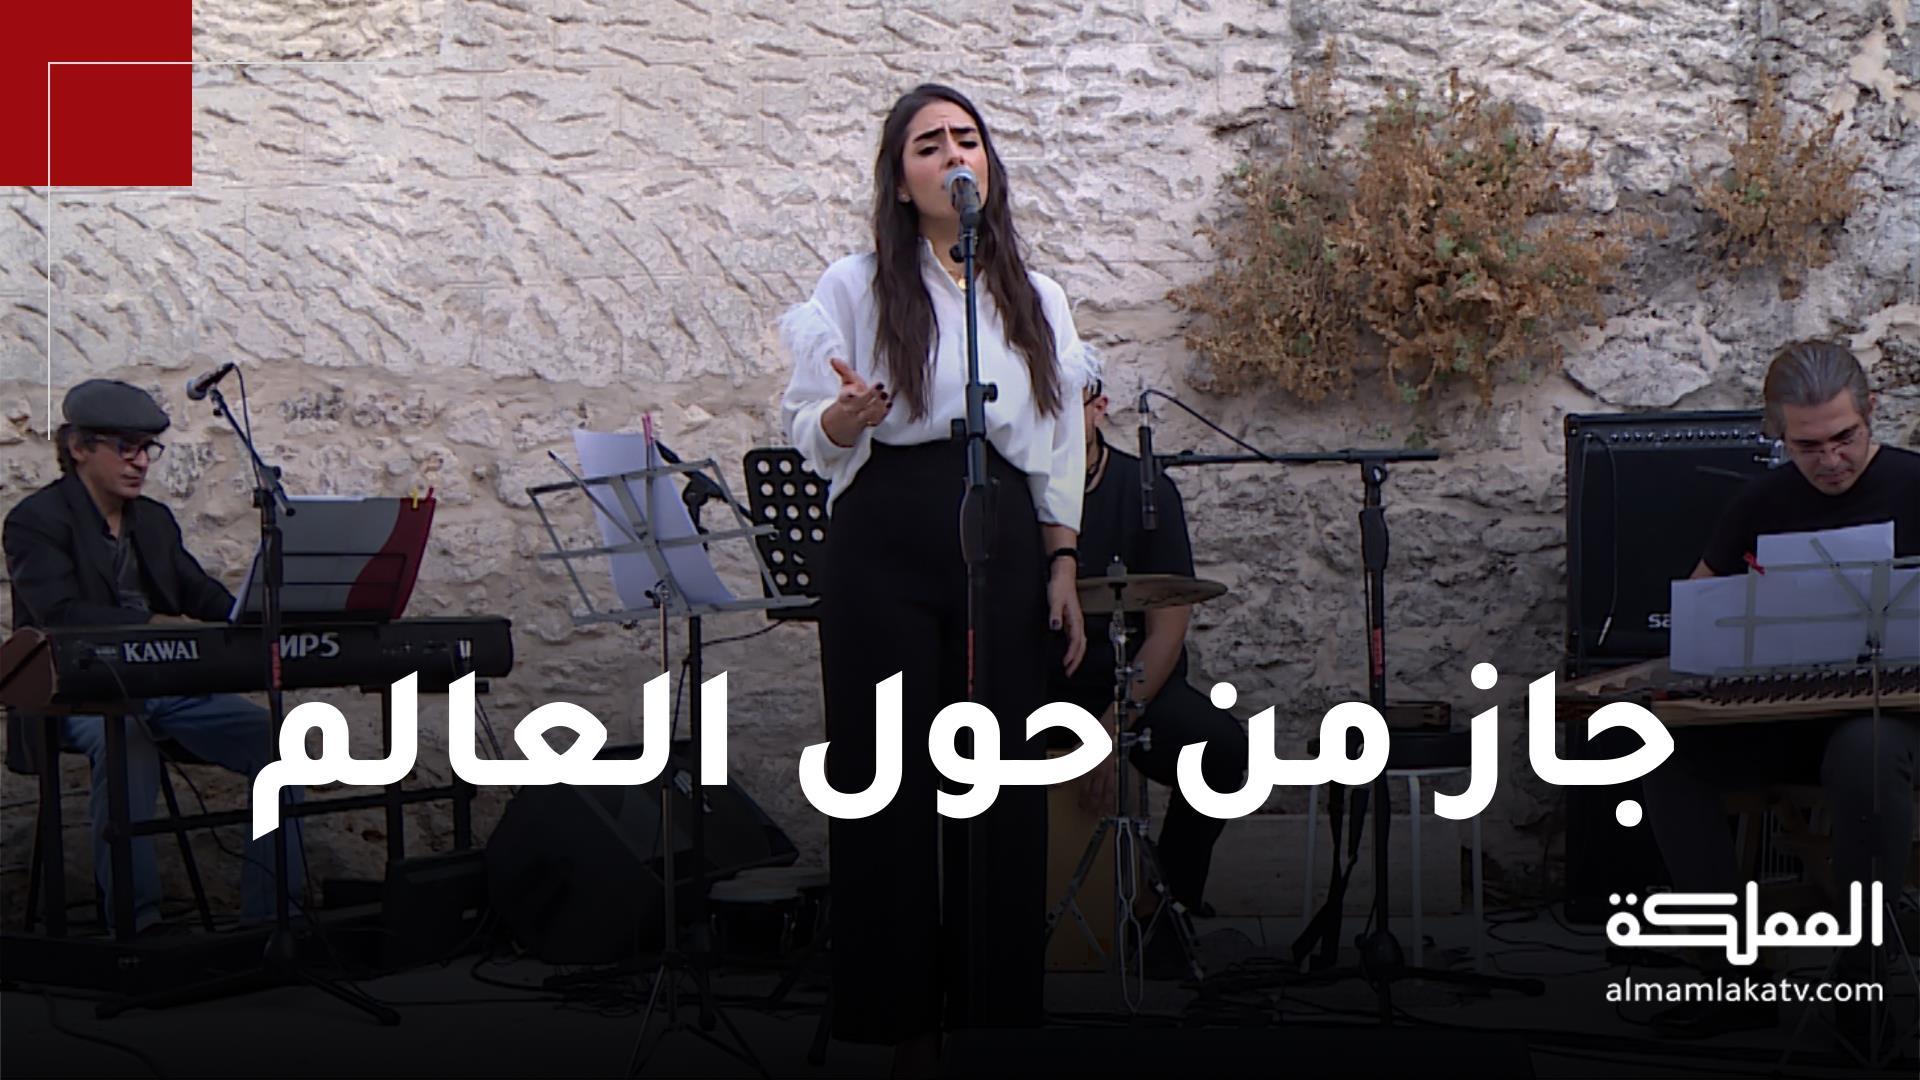 حفلات مهرجان عمّان جاز وموسيقى عالدرج تنقل رقمياً إلى العالم